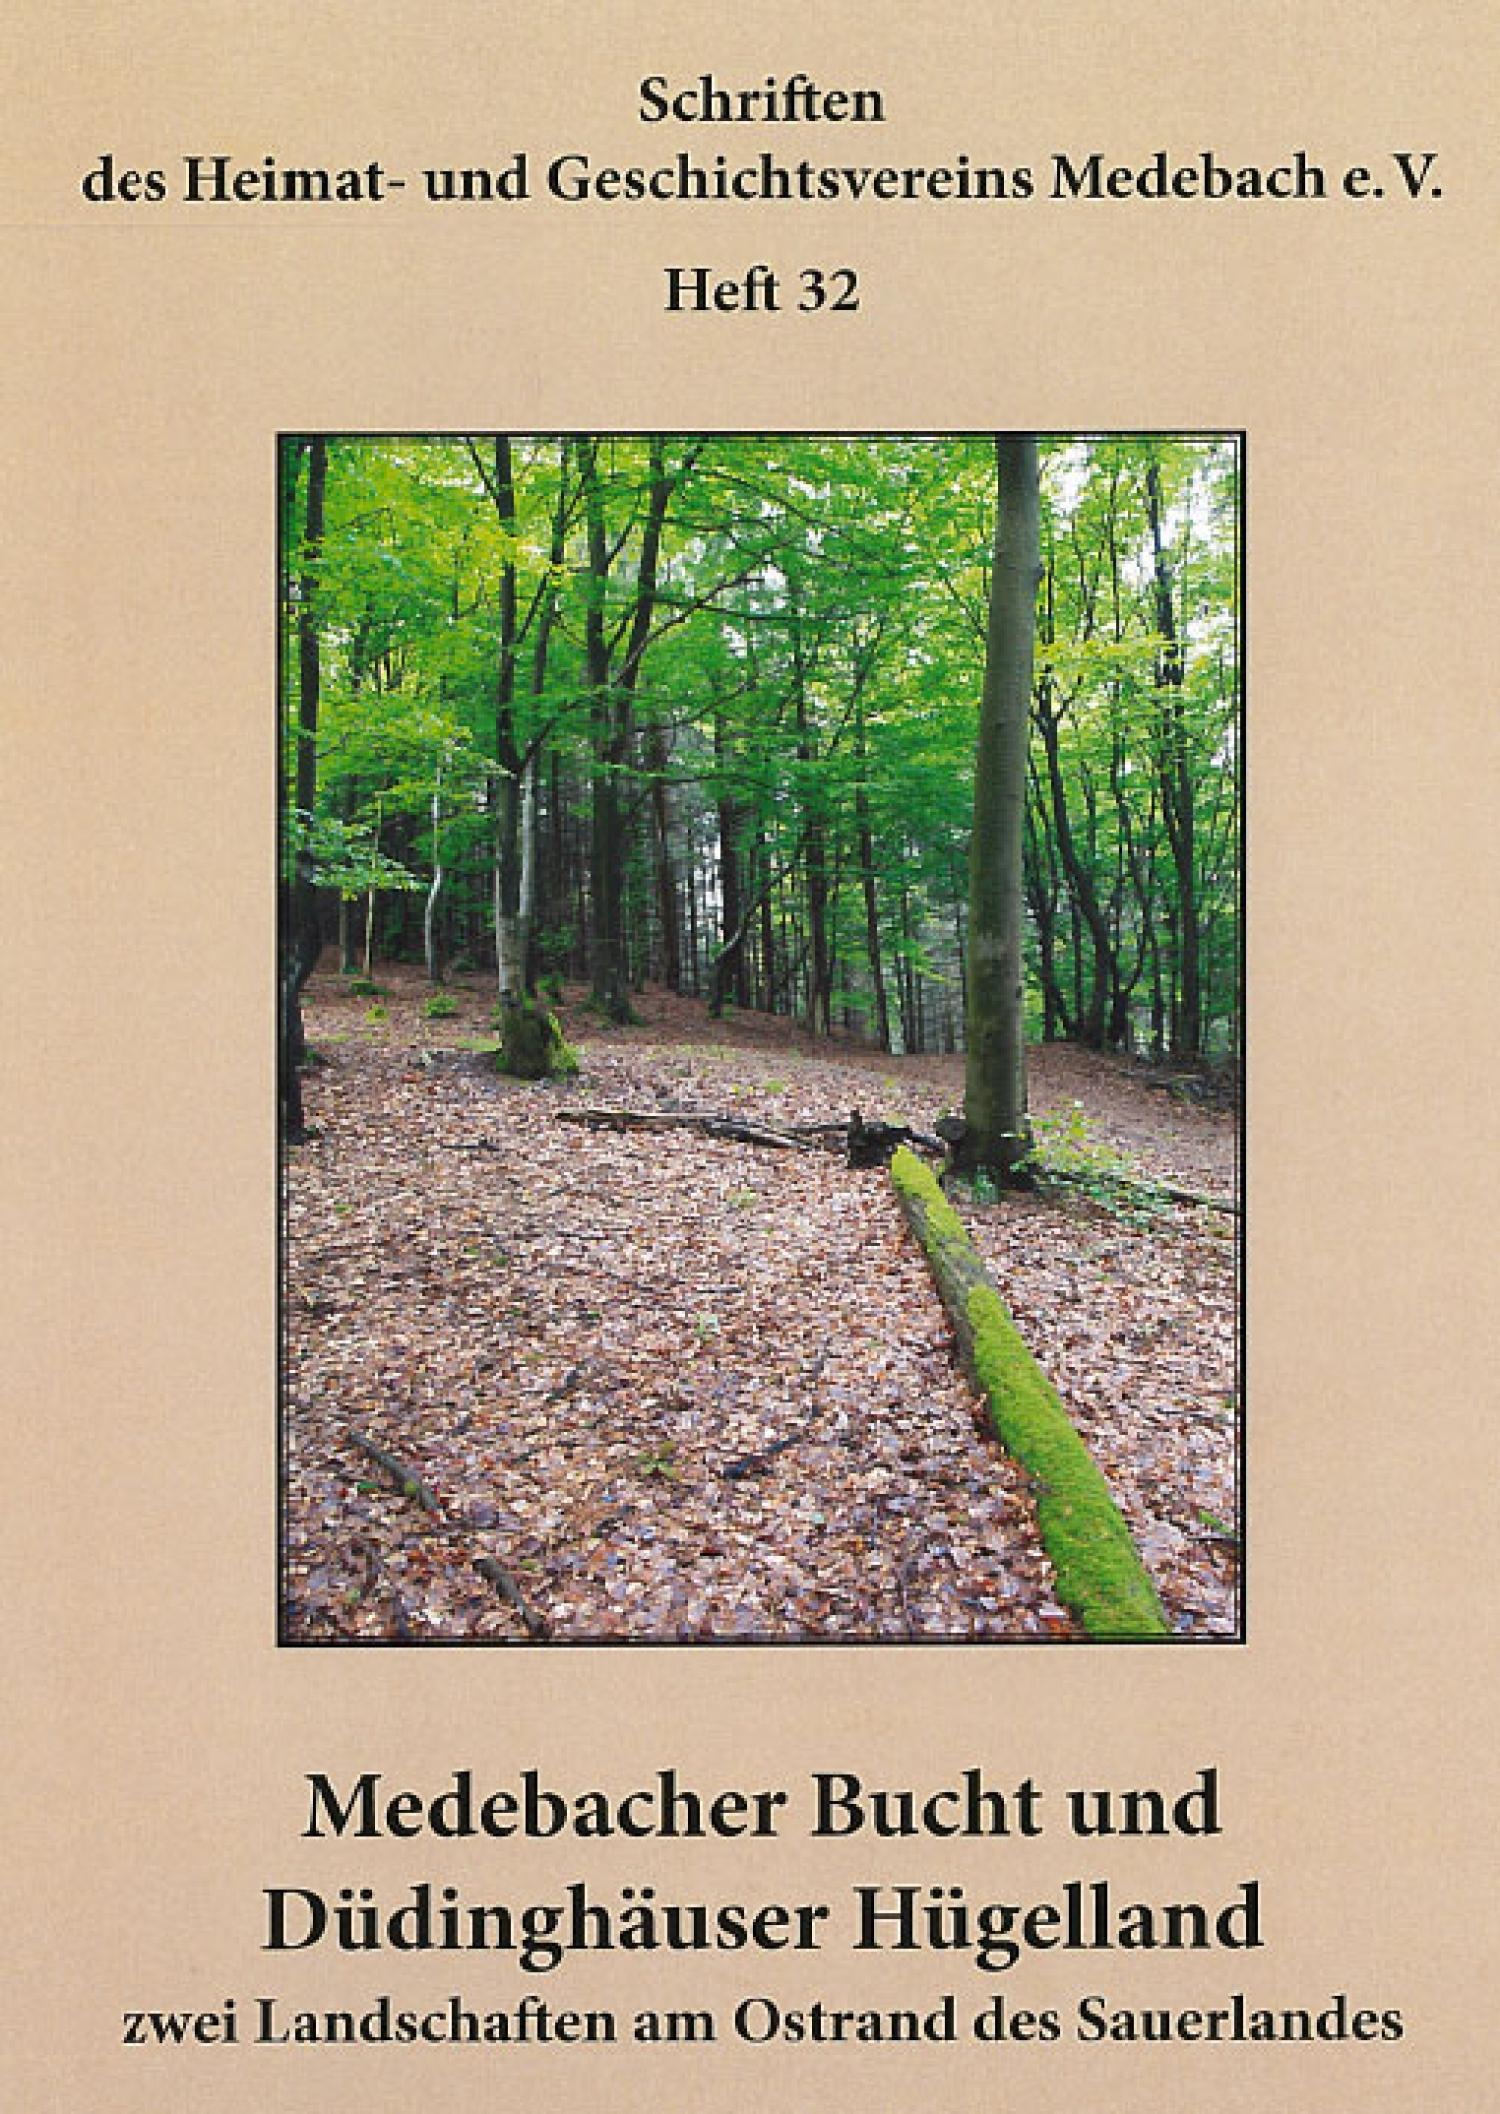 Medebacher Bucht und Düdinghauser Hügelland